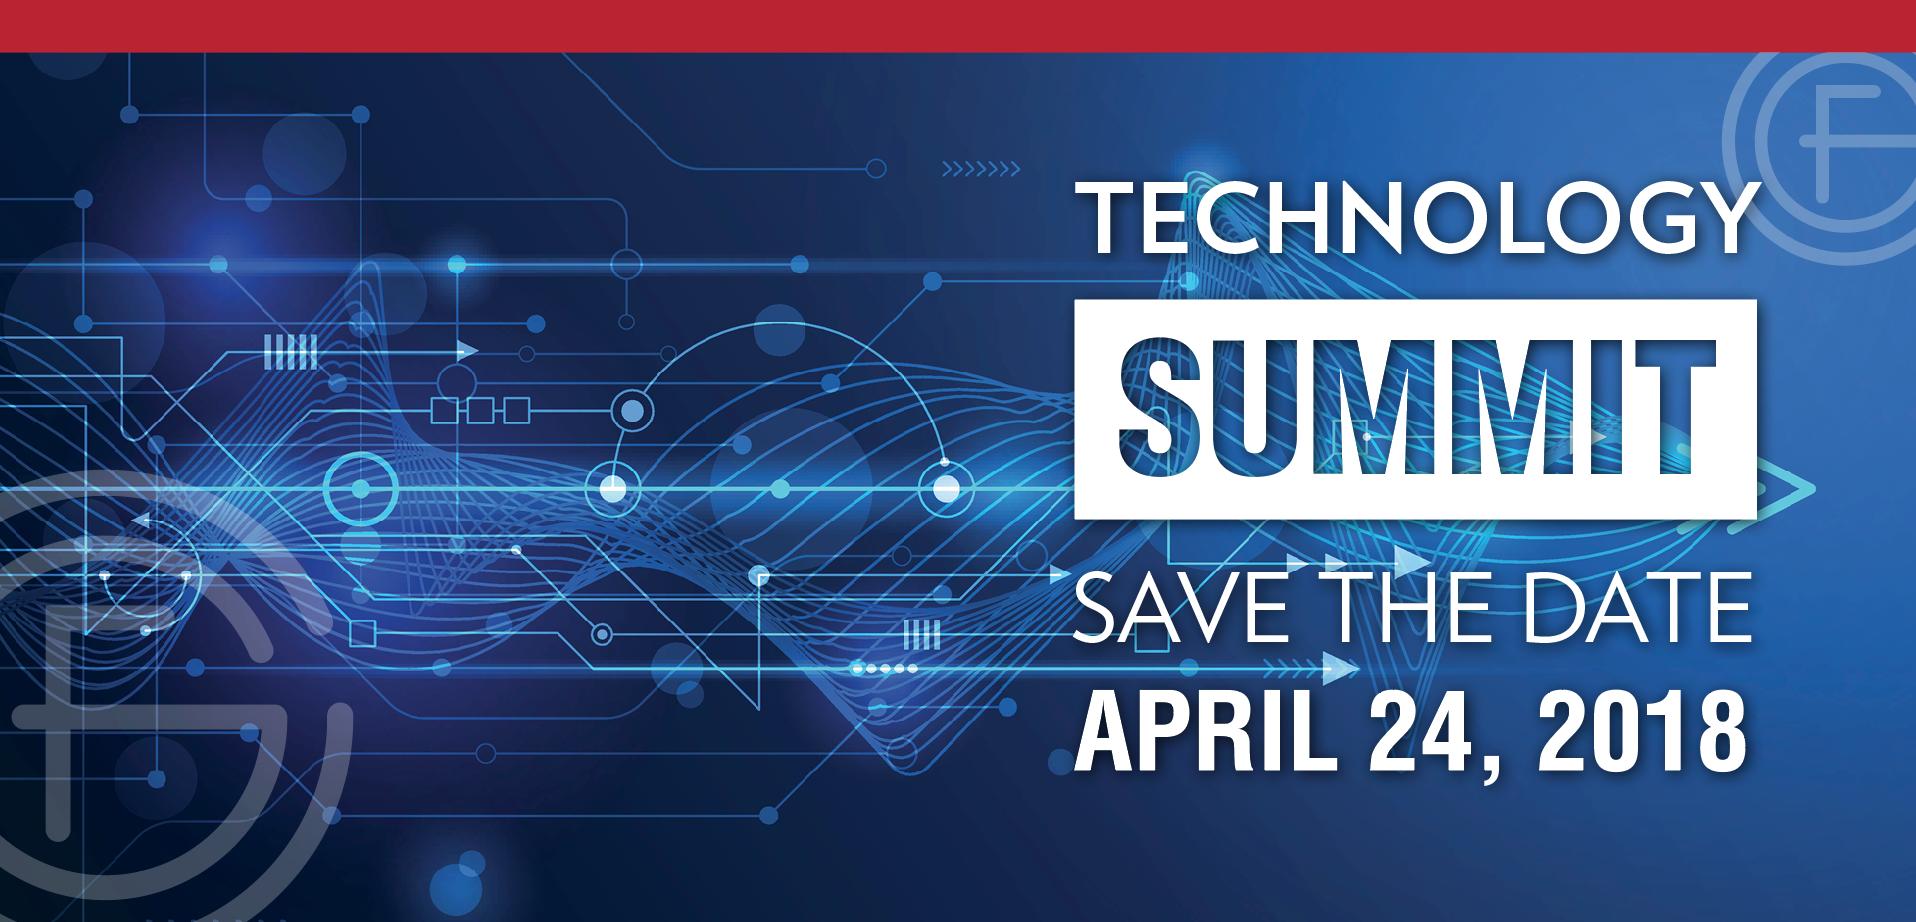 Wrigley Field Tech Summit